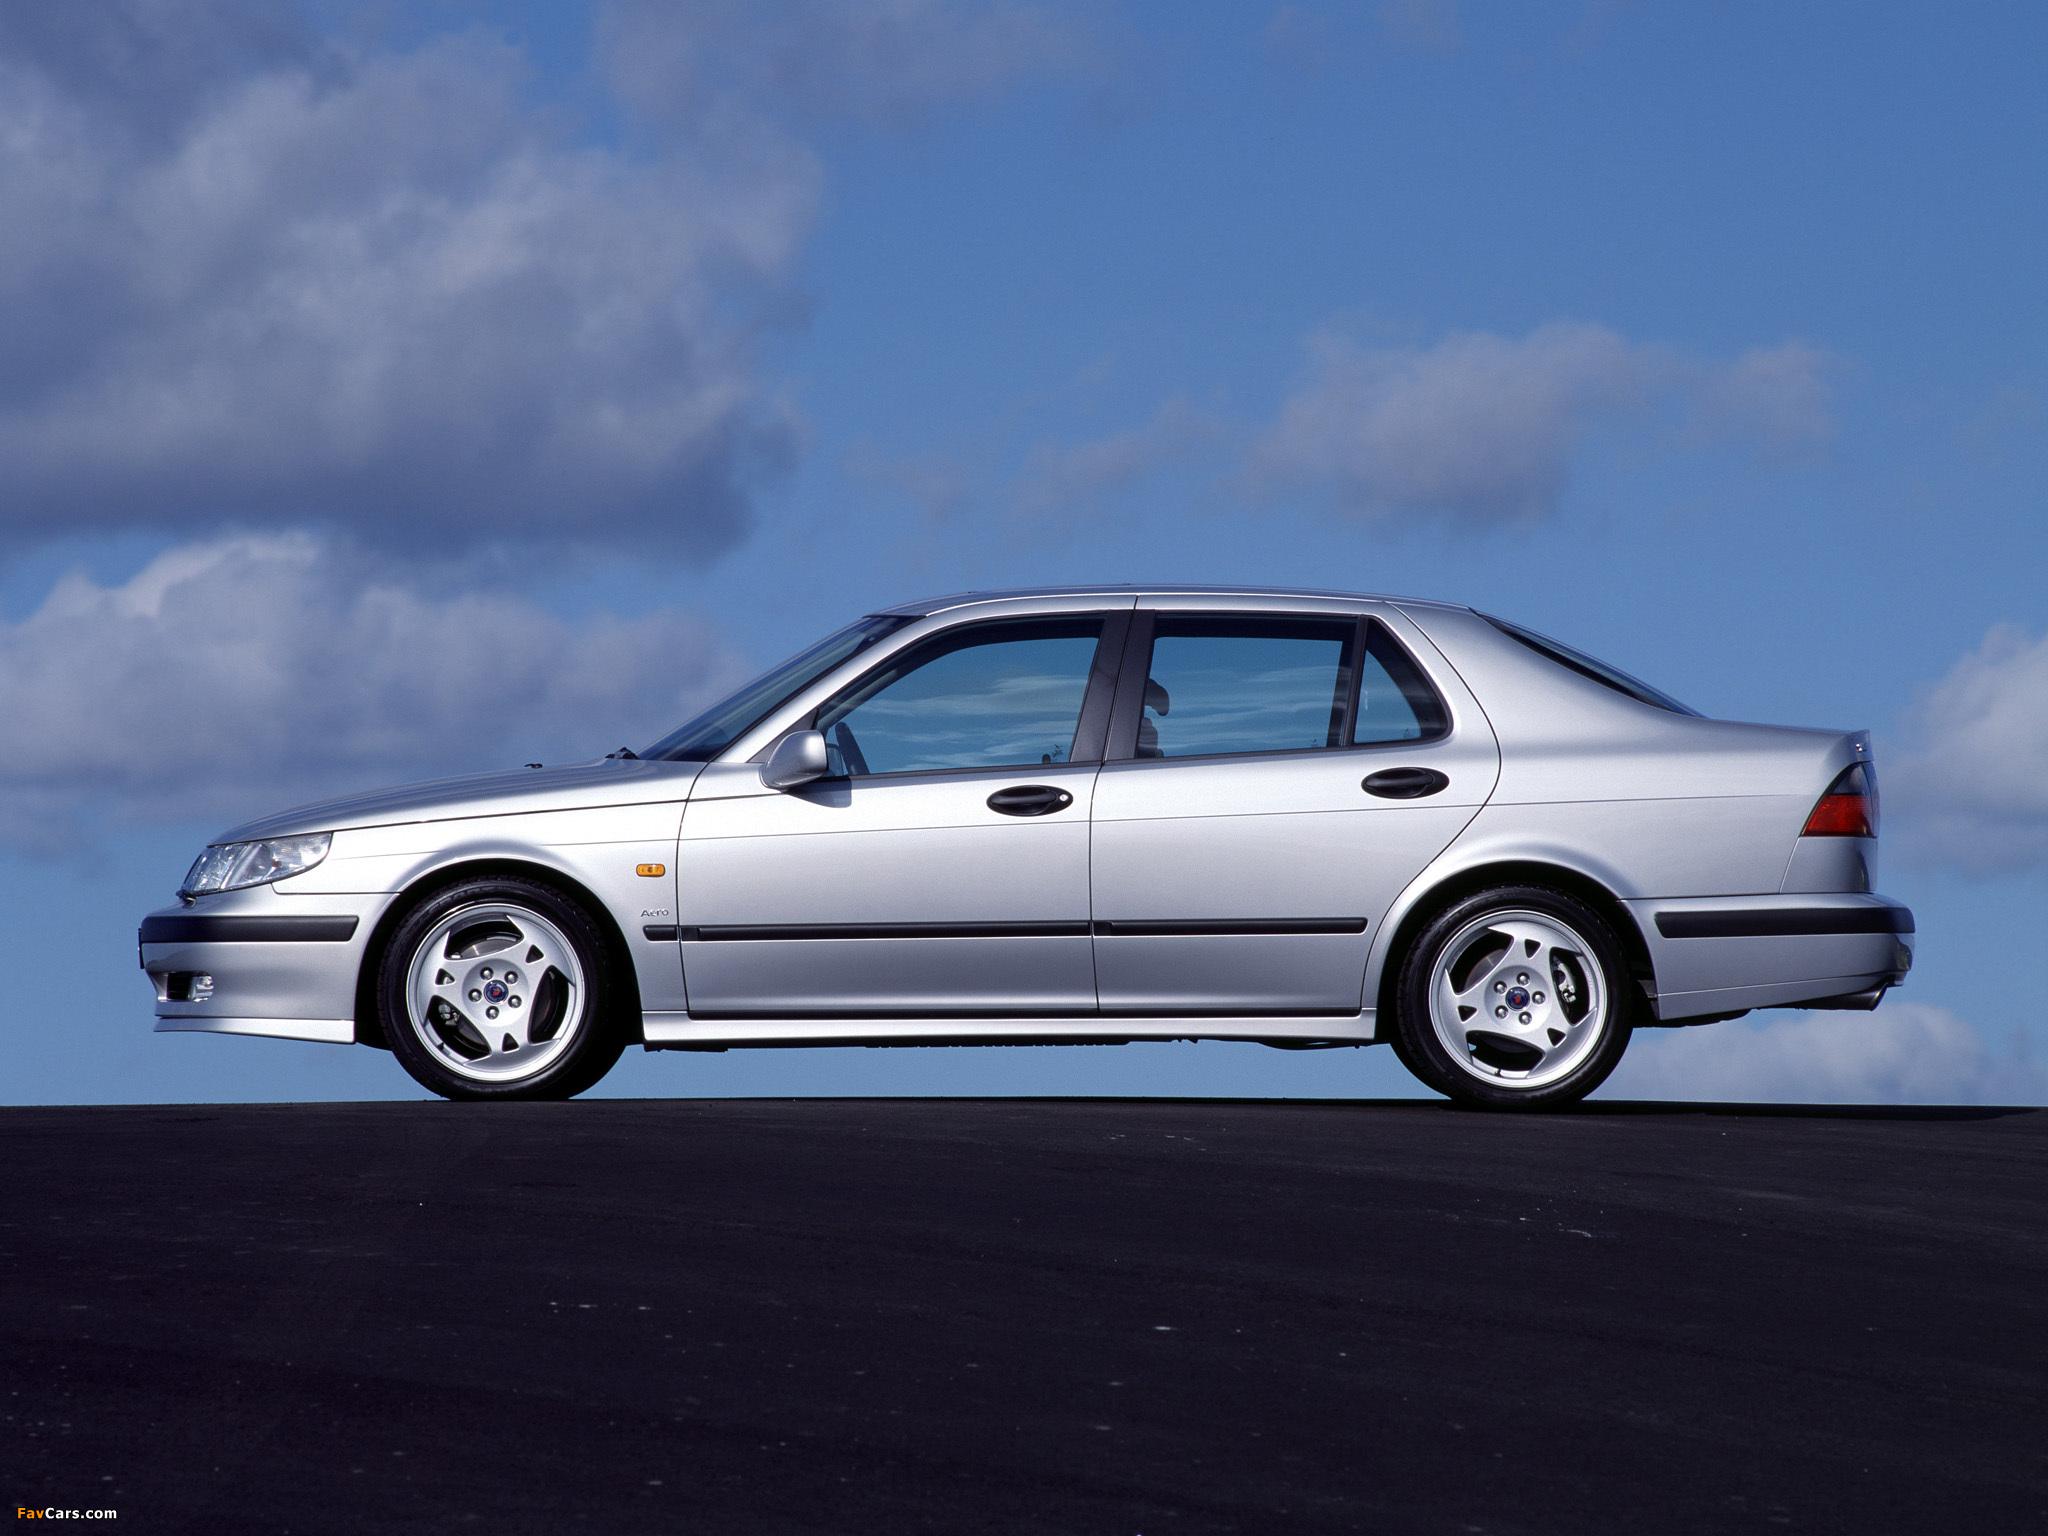 photos of saab 9 5 sedan aero 1999 2001 2048x1536 rh favcars com 2001 saab 9-5 workshop manual 2001 saab 9-5 service manual